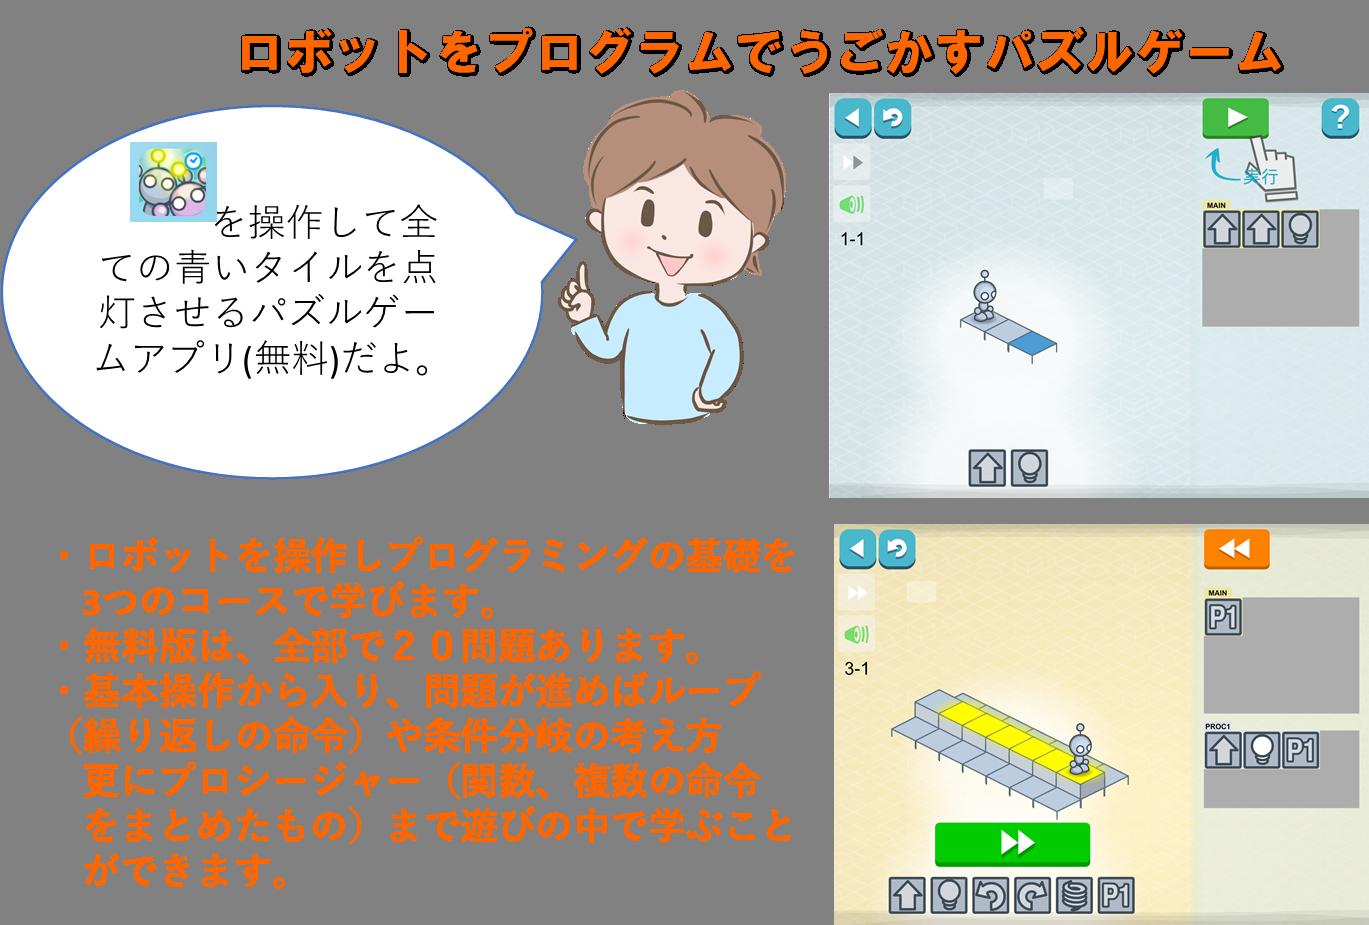 ライトボット コード アワー Lightbot : Code Hour ロボットをプログラムでうごかすパズルゲーム・ロボットを操作しプログラミングの基礎を  3つのコースで学びます。 ・無料版は、全部で20問題あります。 ・基本操作から入り、問題が進めばループ(繰り返しの命令)や条件分岐の考え方  更にプロシージャー(関数、複数の命令  をまとめたもの)まで遊びの中で学ぶこと  ができます。